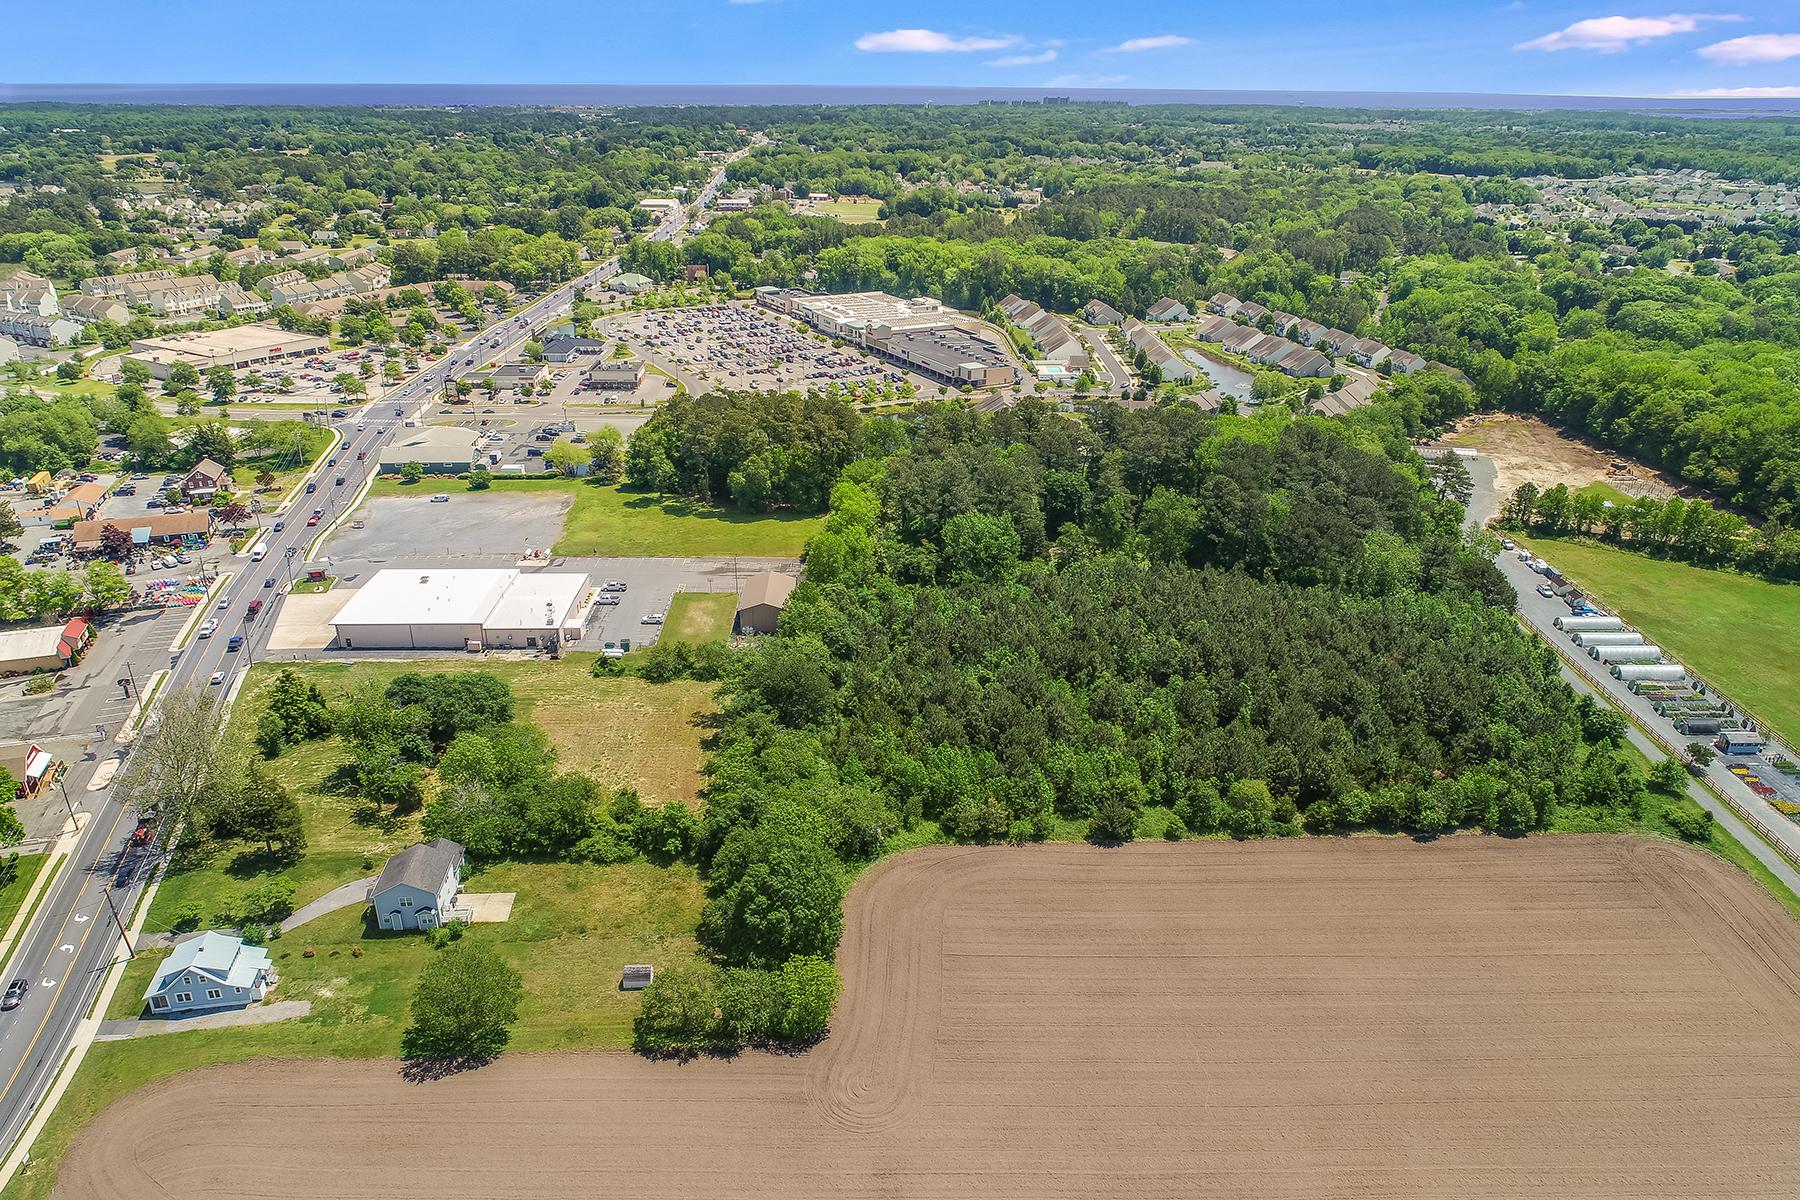 أراضي للـ Sale في Ocean View, Delaware 19967 United States